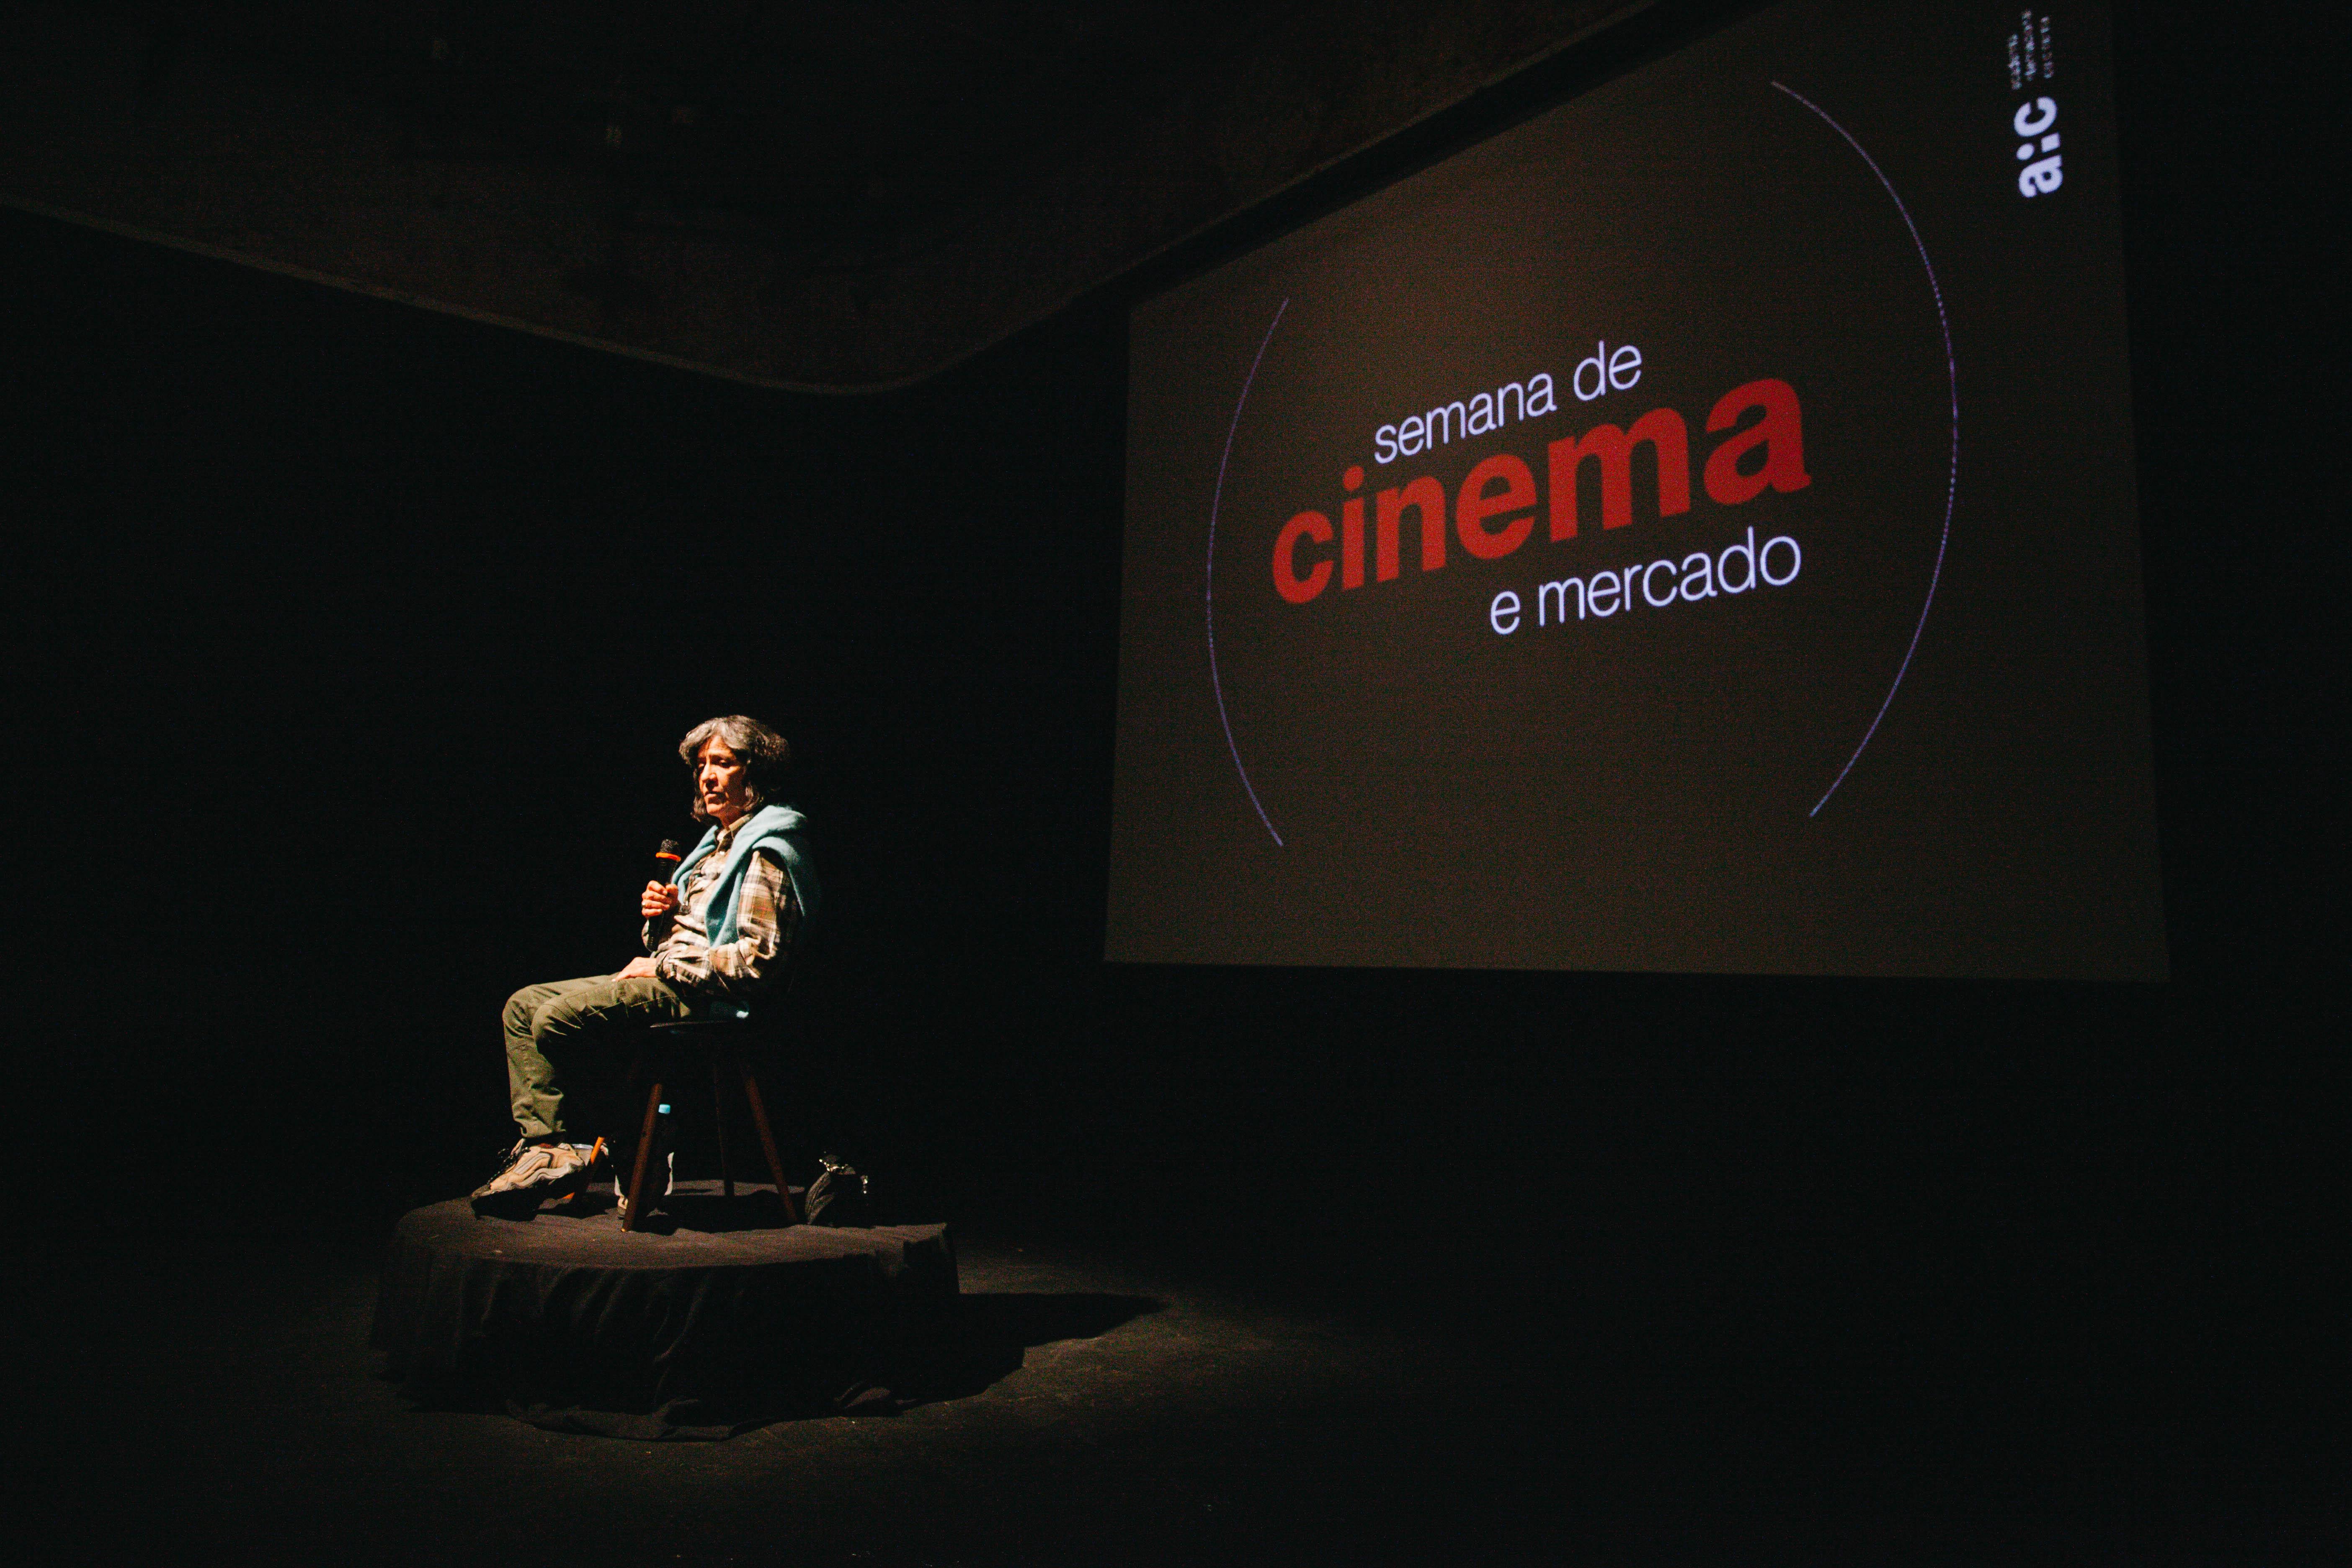 Sara Silveira fecha Semana de Cinema e Mercado em São Paulo